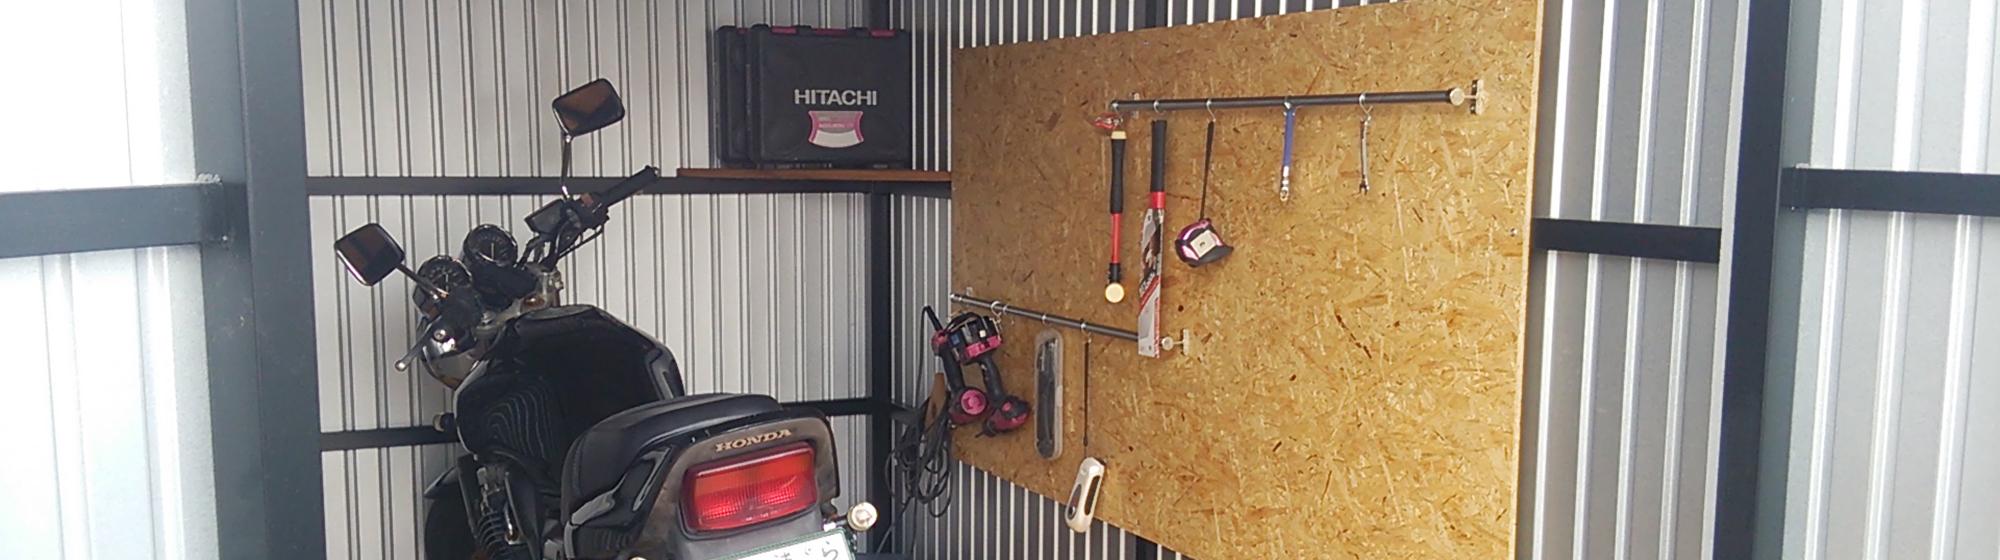 バイクガレージ内観